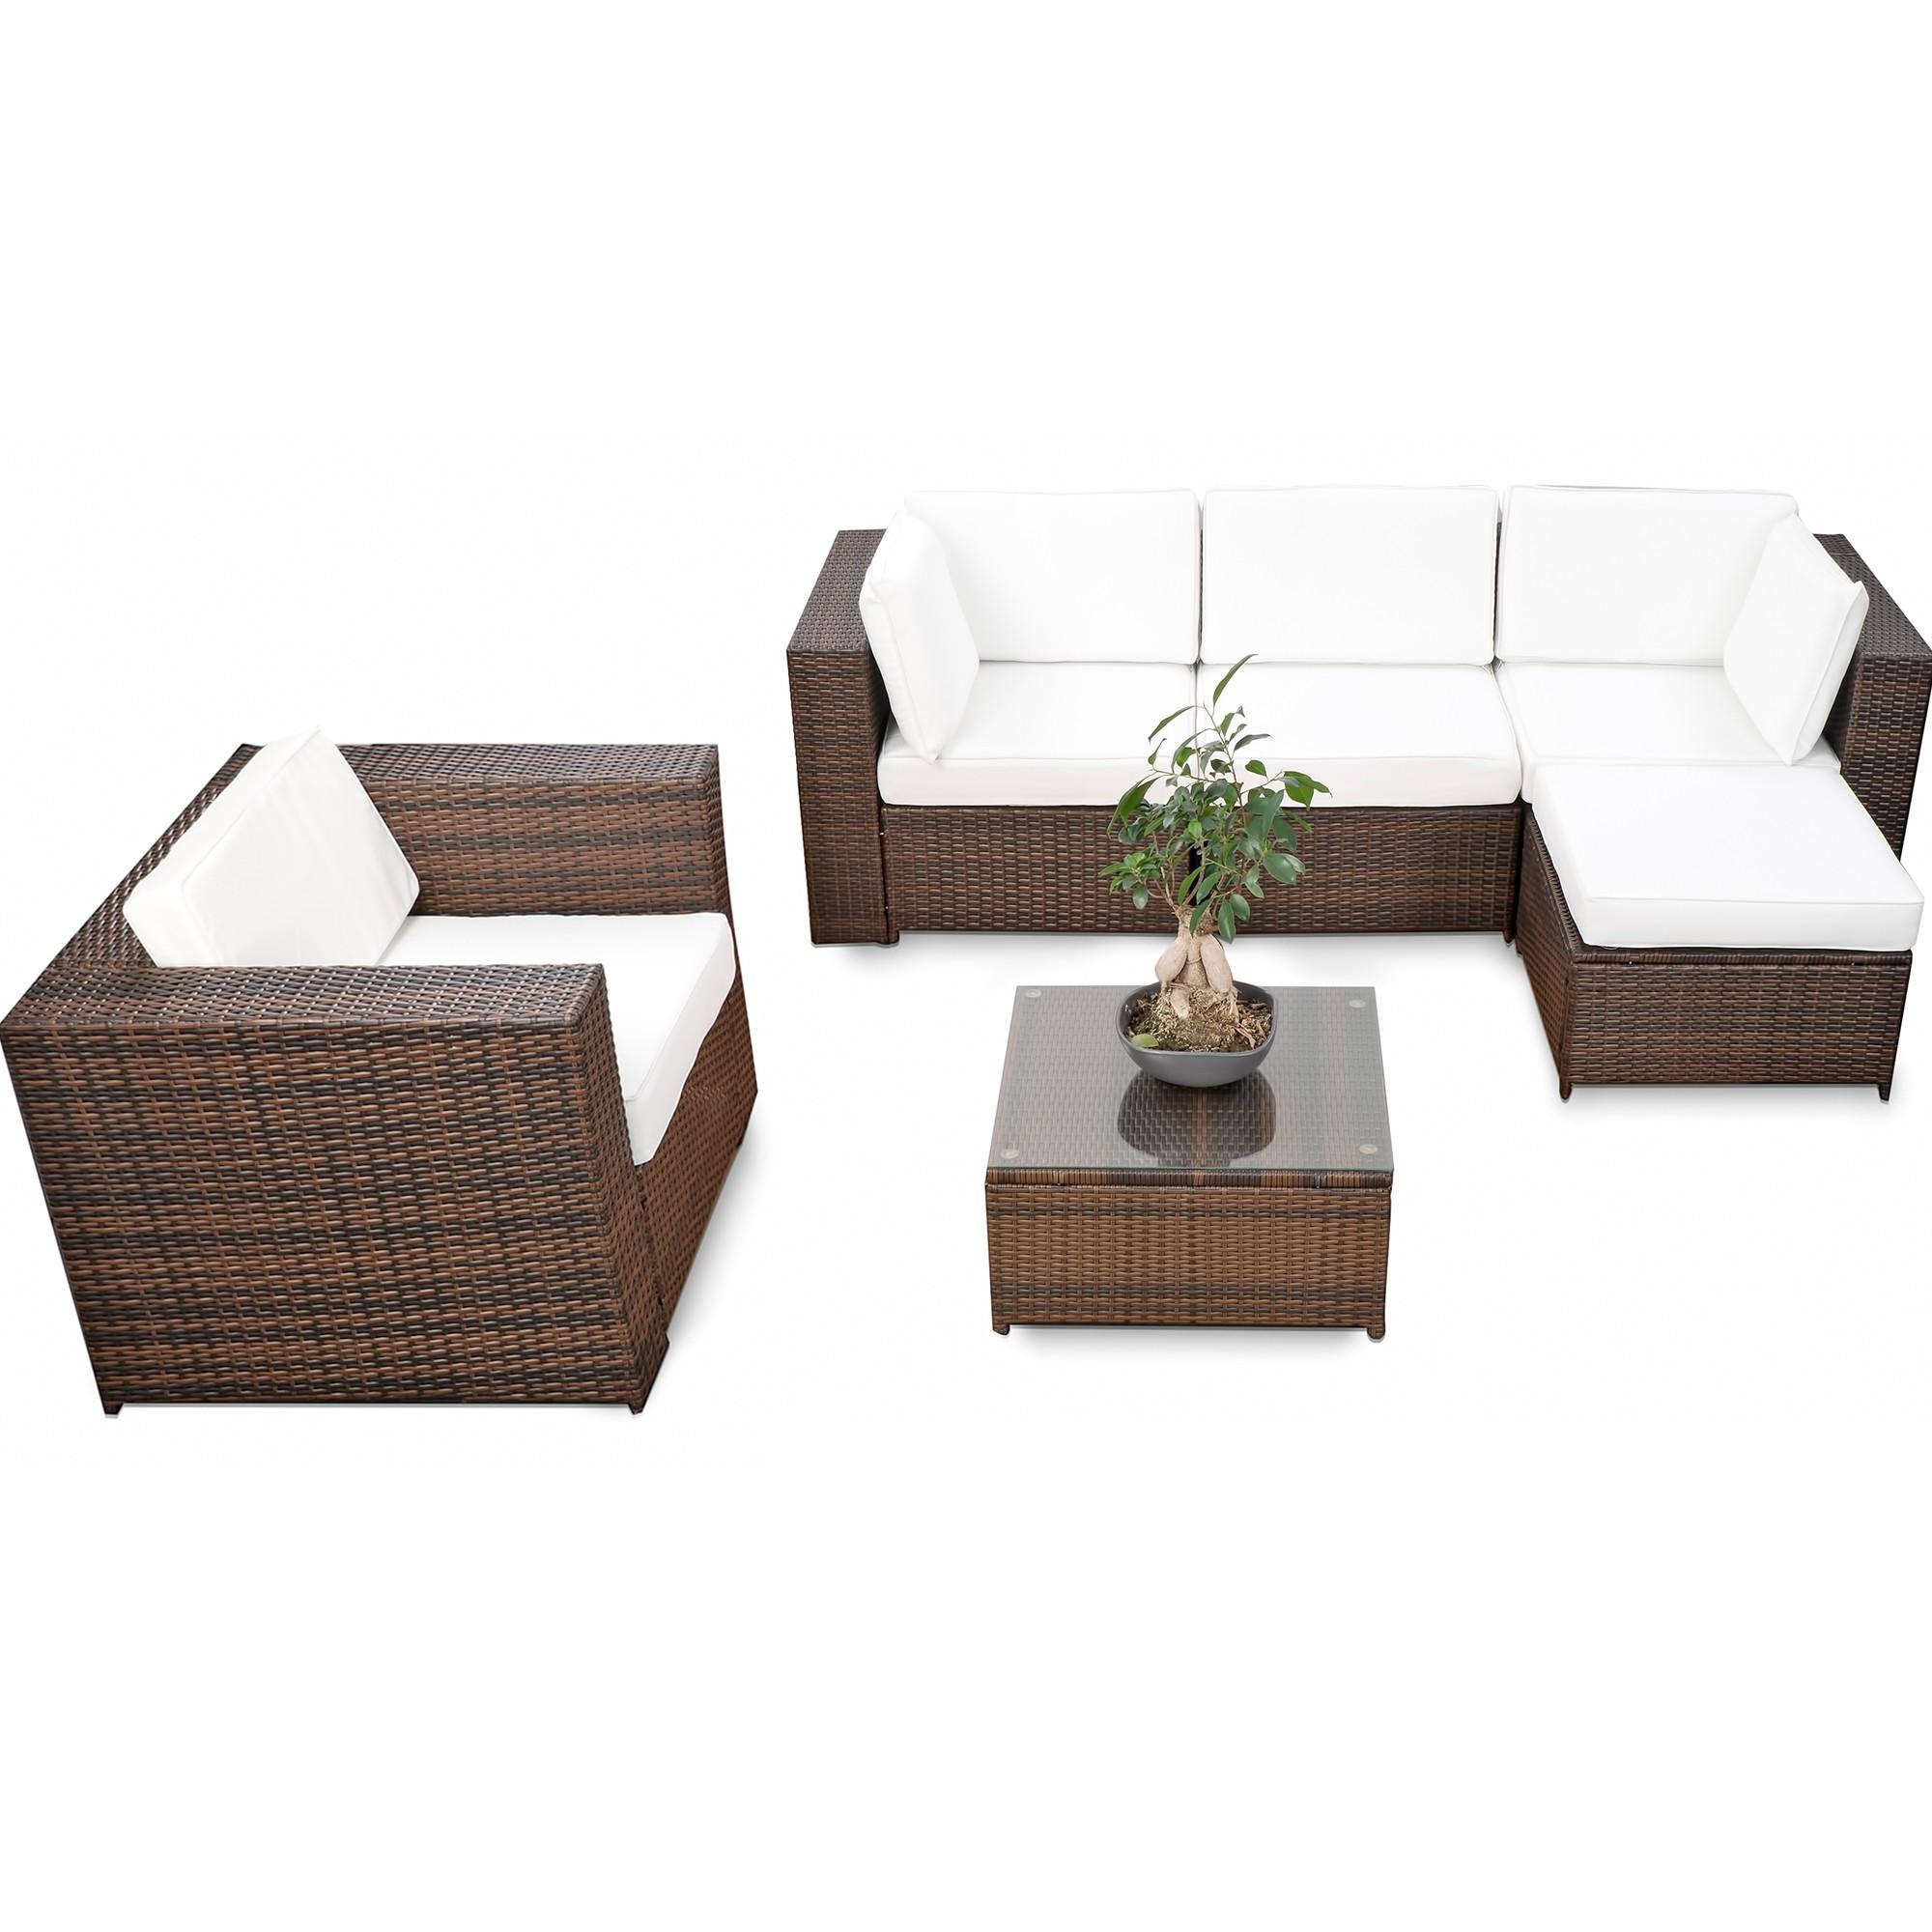 Lounge Gartenmoebel Polyrattan ▻ Günstig ◅ Polyrattan Gartenmöbel Lounge  Kaufen